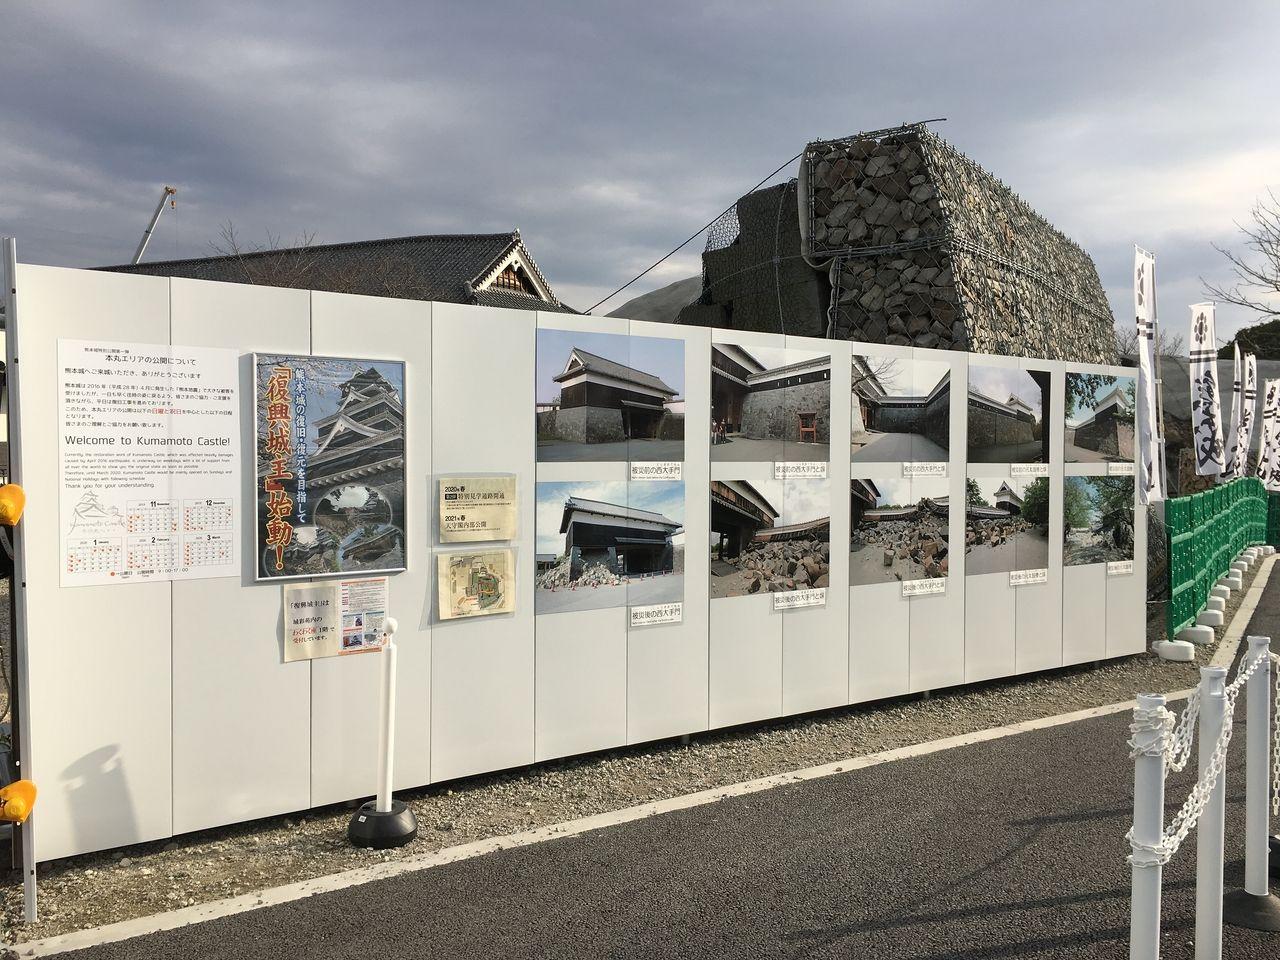 通路に掲示してある復興事業の説明写真